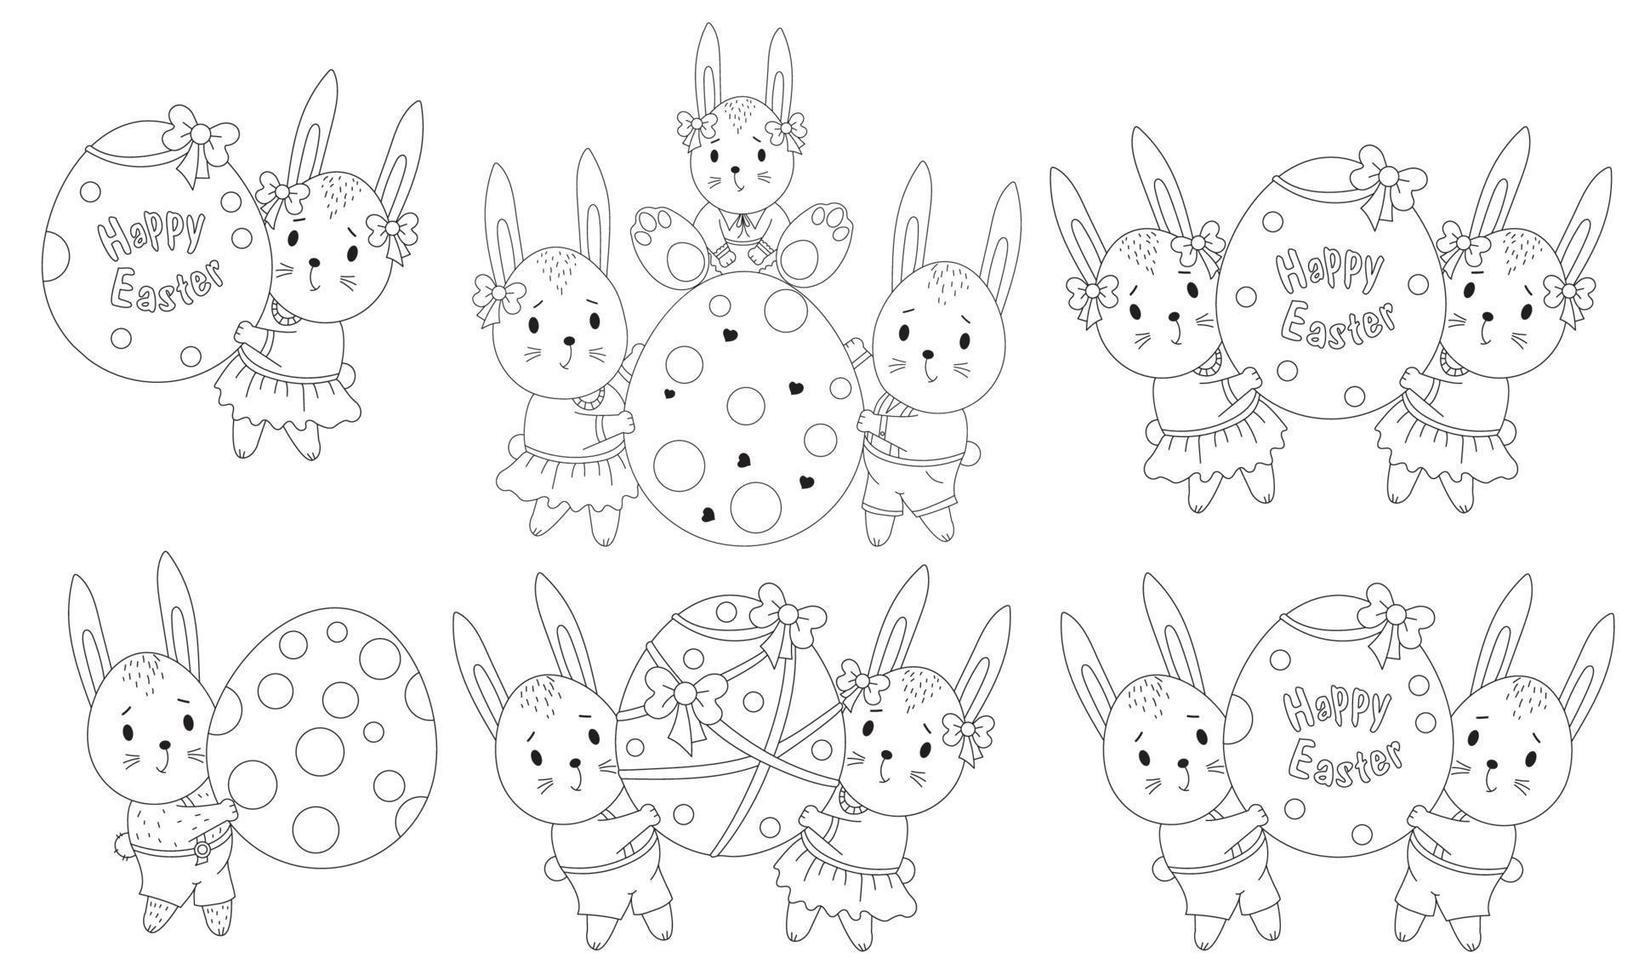 conjunto de desenhos de Páscoa com bonitos coelhinhos da Páscoa e um grande ovo de Páscoa. família animal - uma menina, um menino e um bebê. ilustração vetorial. linha, esboço. desenhos decorativos para projeto feliz páscoa vetor